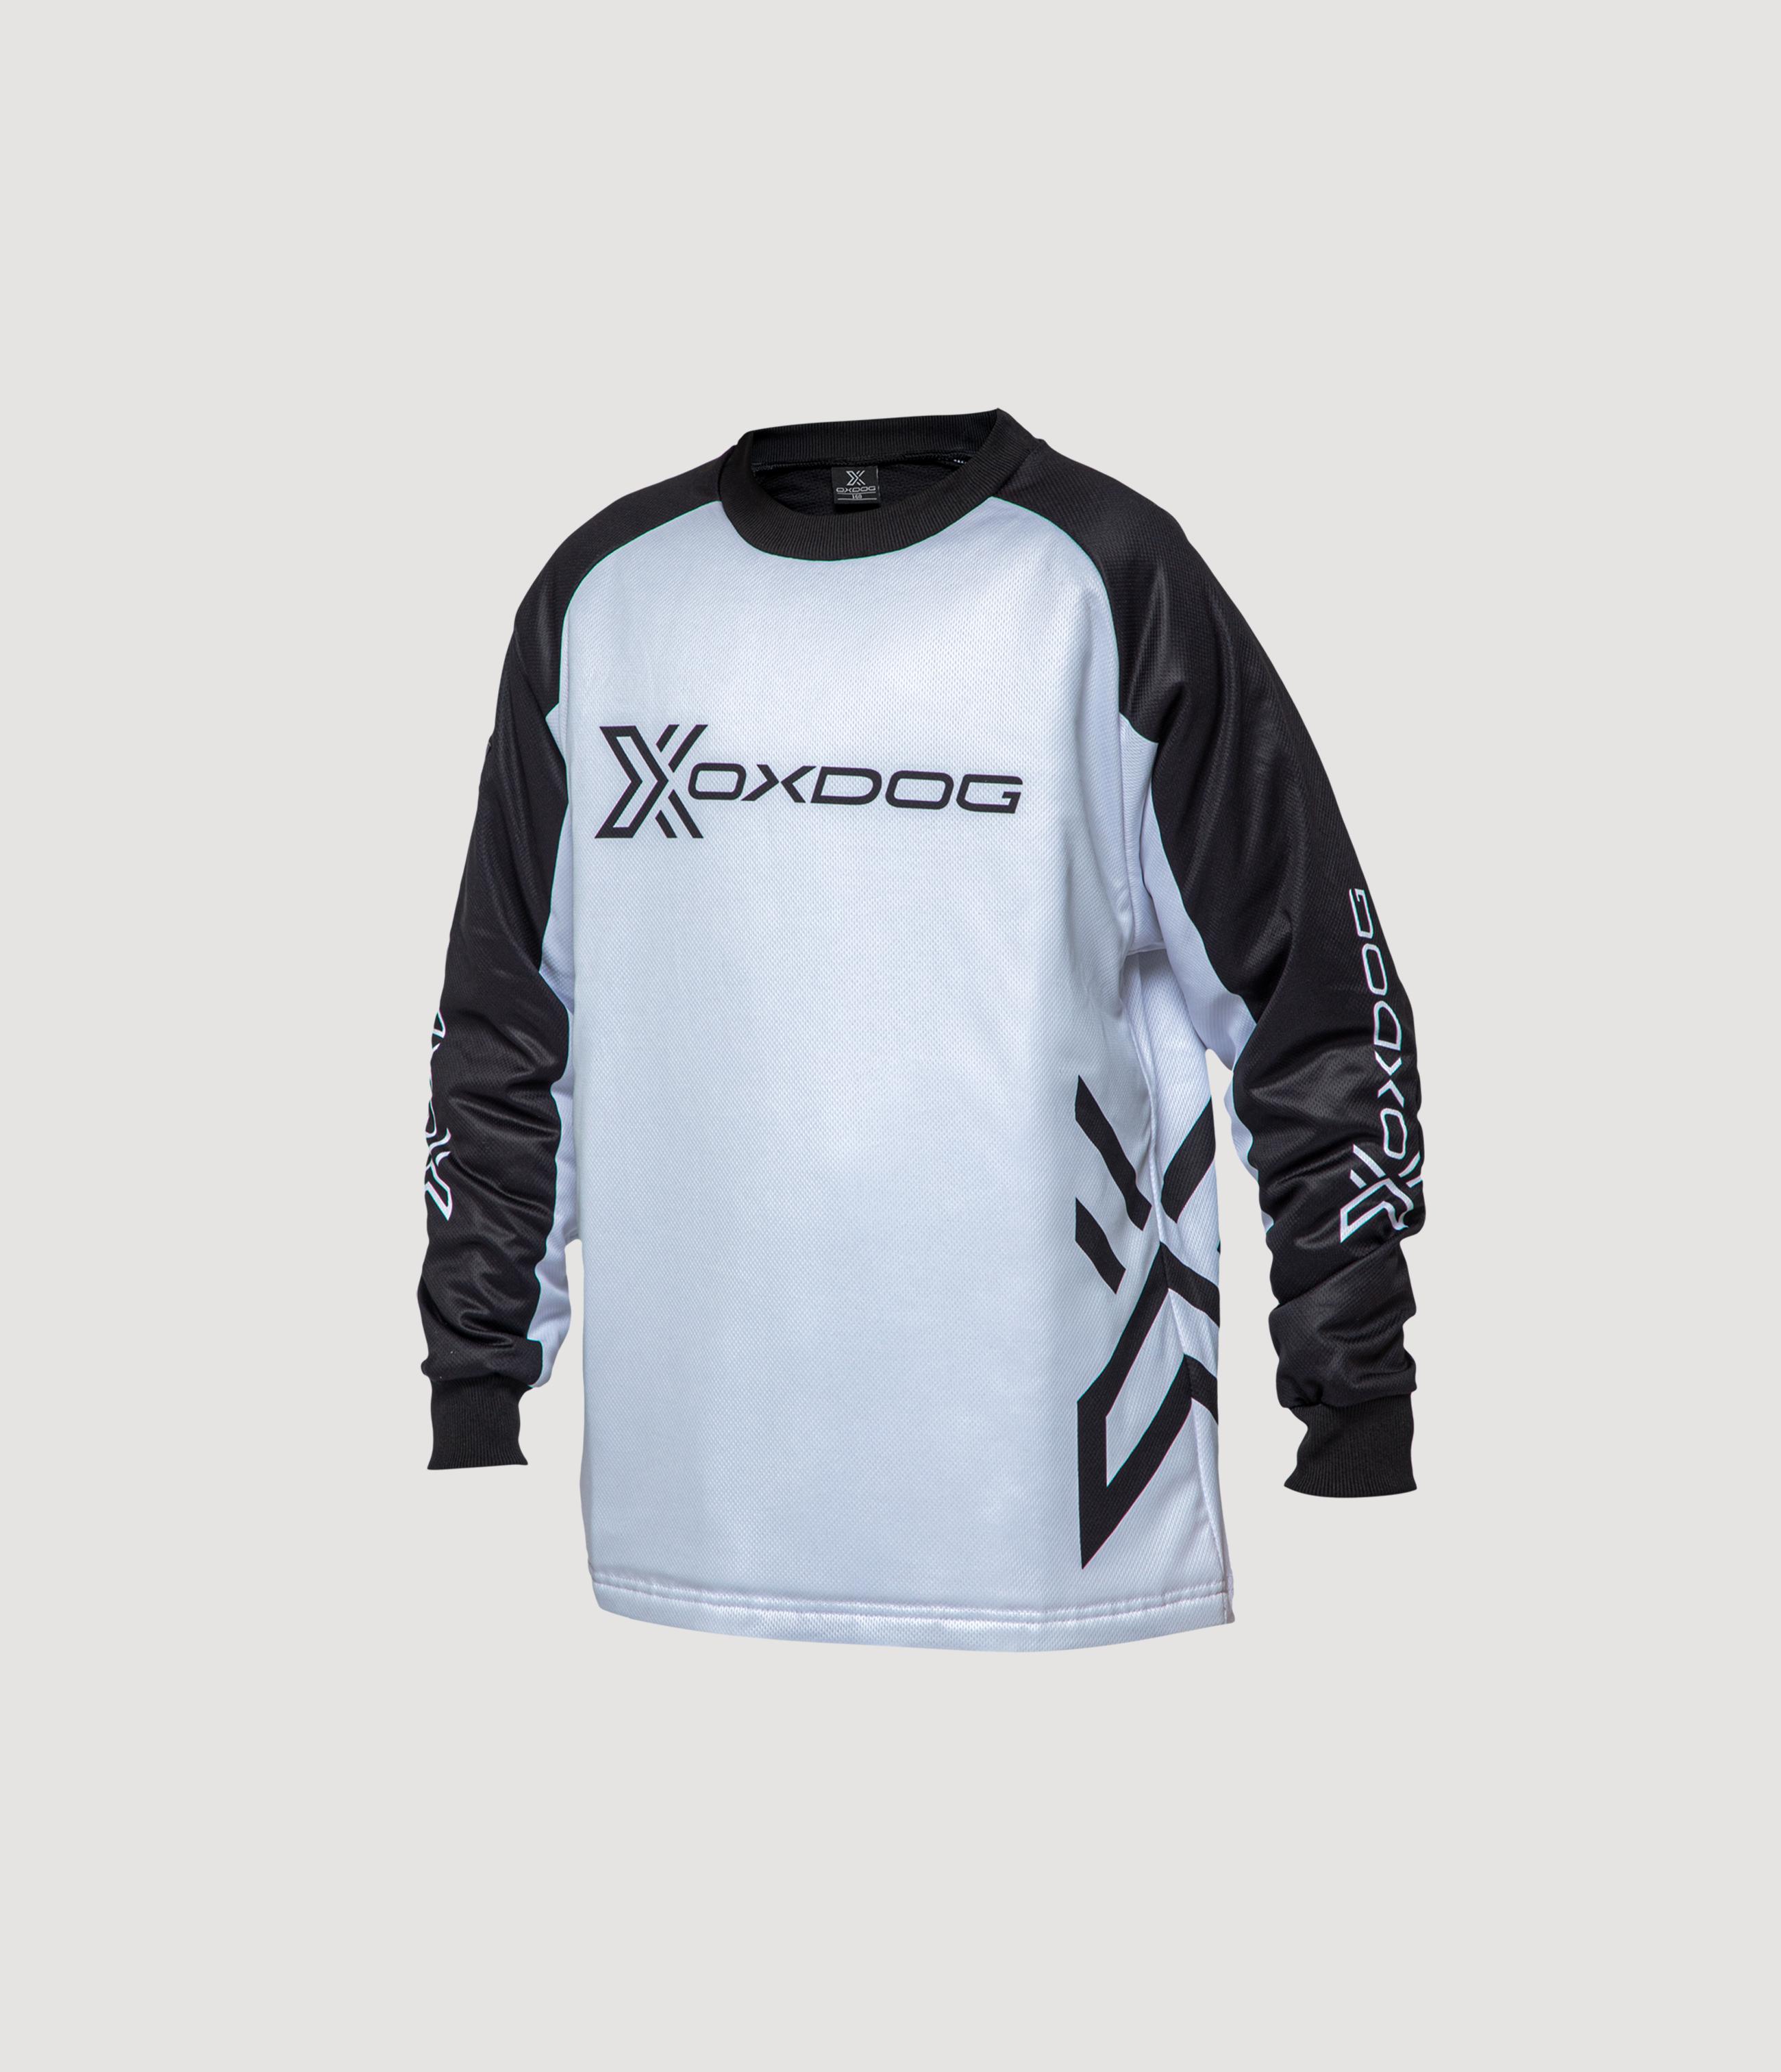 XGuard Goalie Shirt JR Front